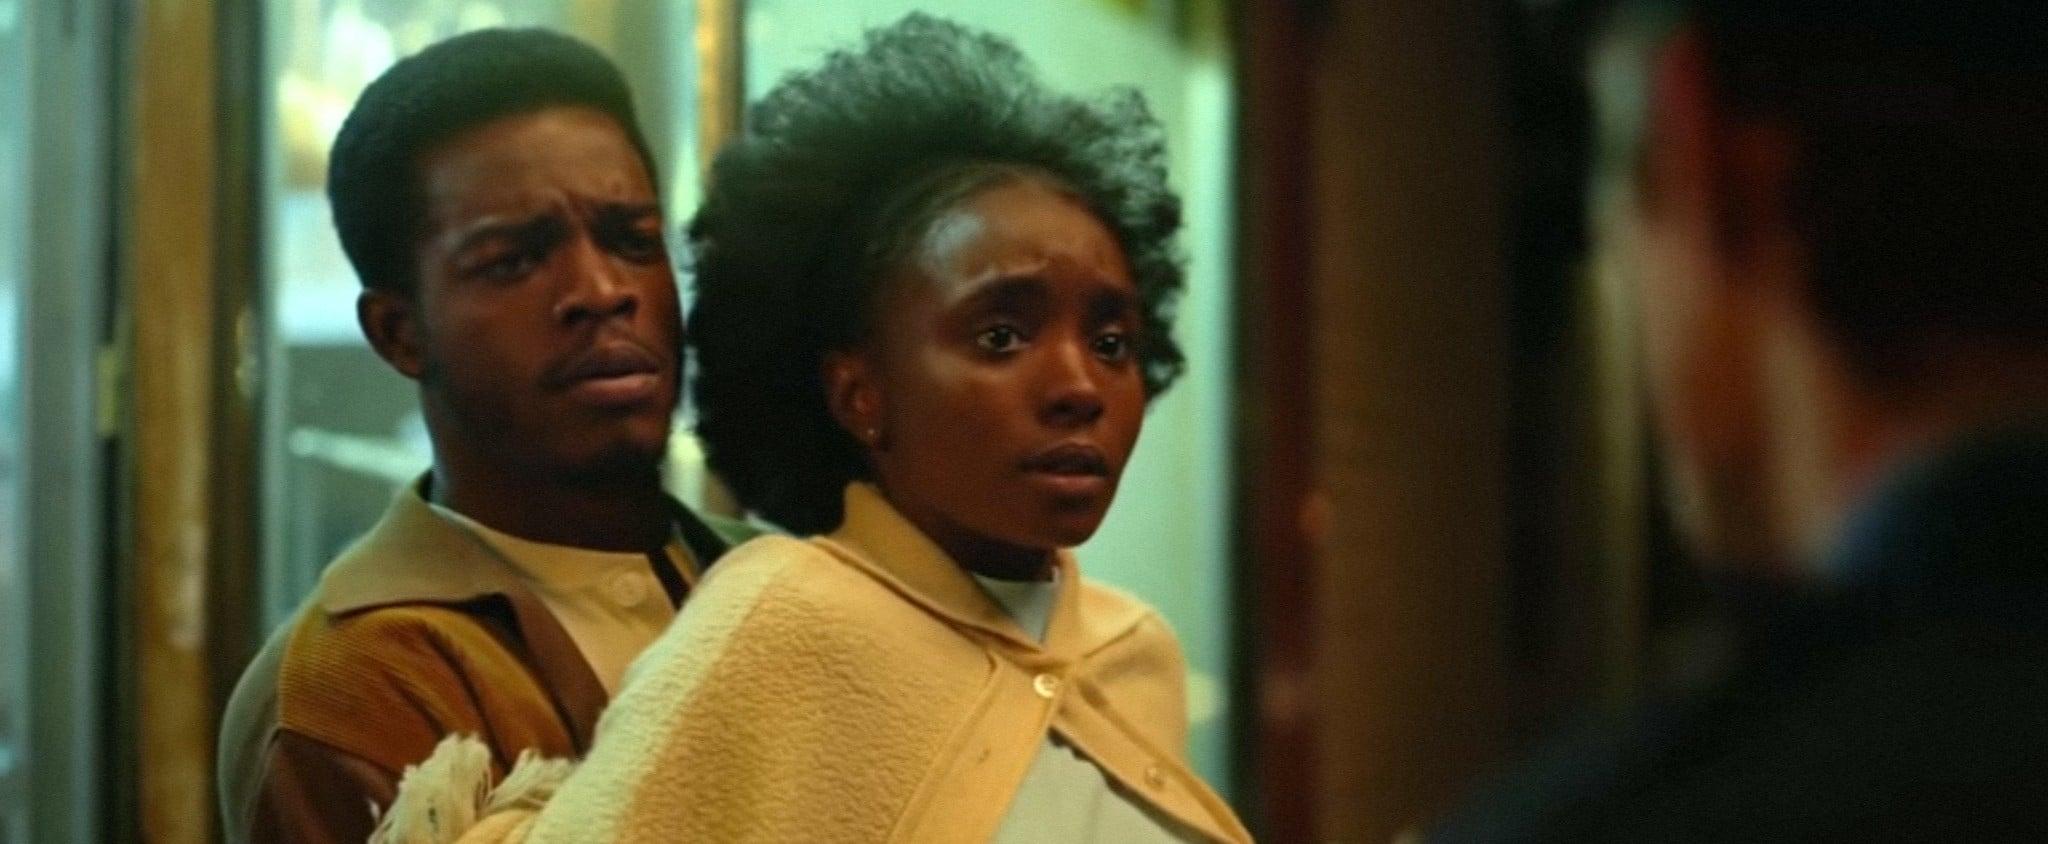 Oscar Nominations Snubs 2019